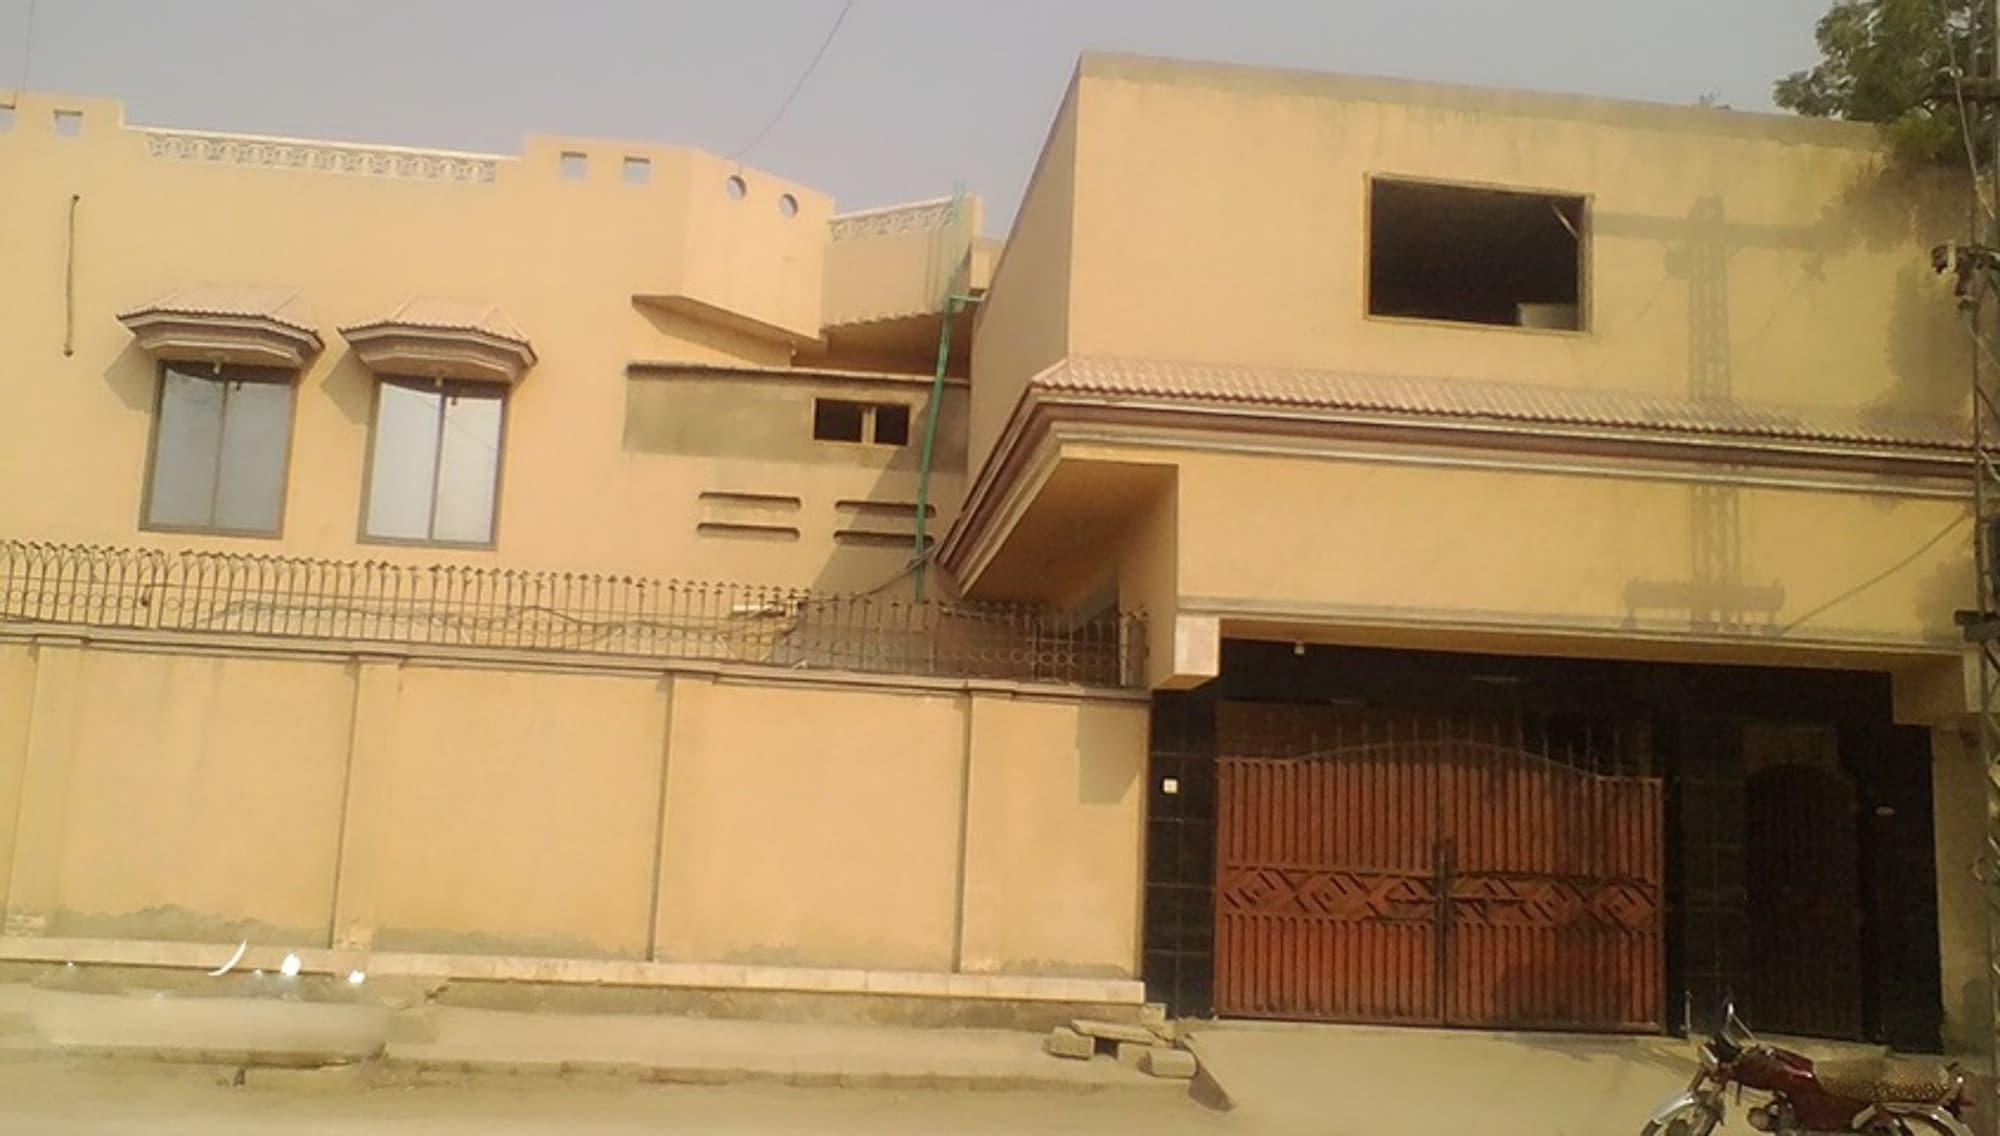 Chancery Inn Guest House, Sukkur